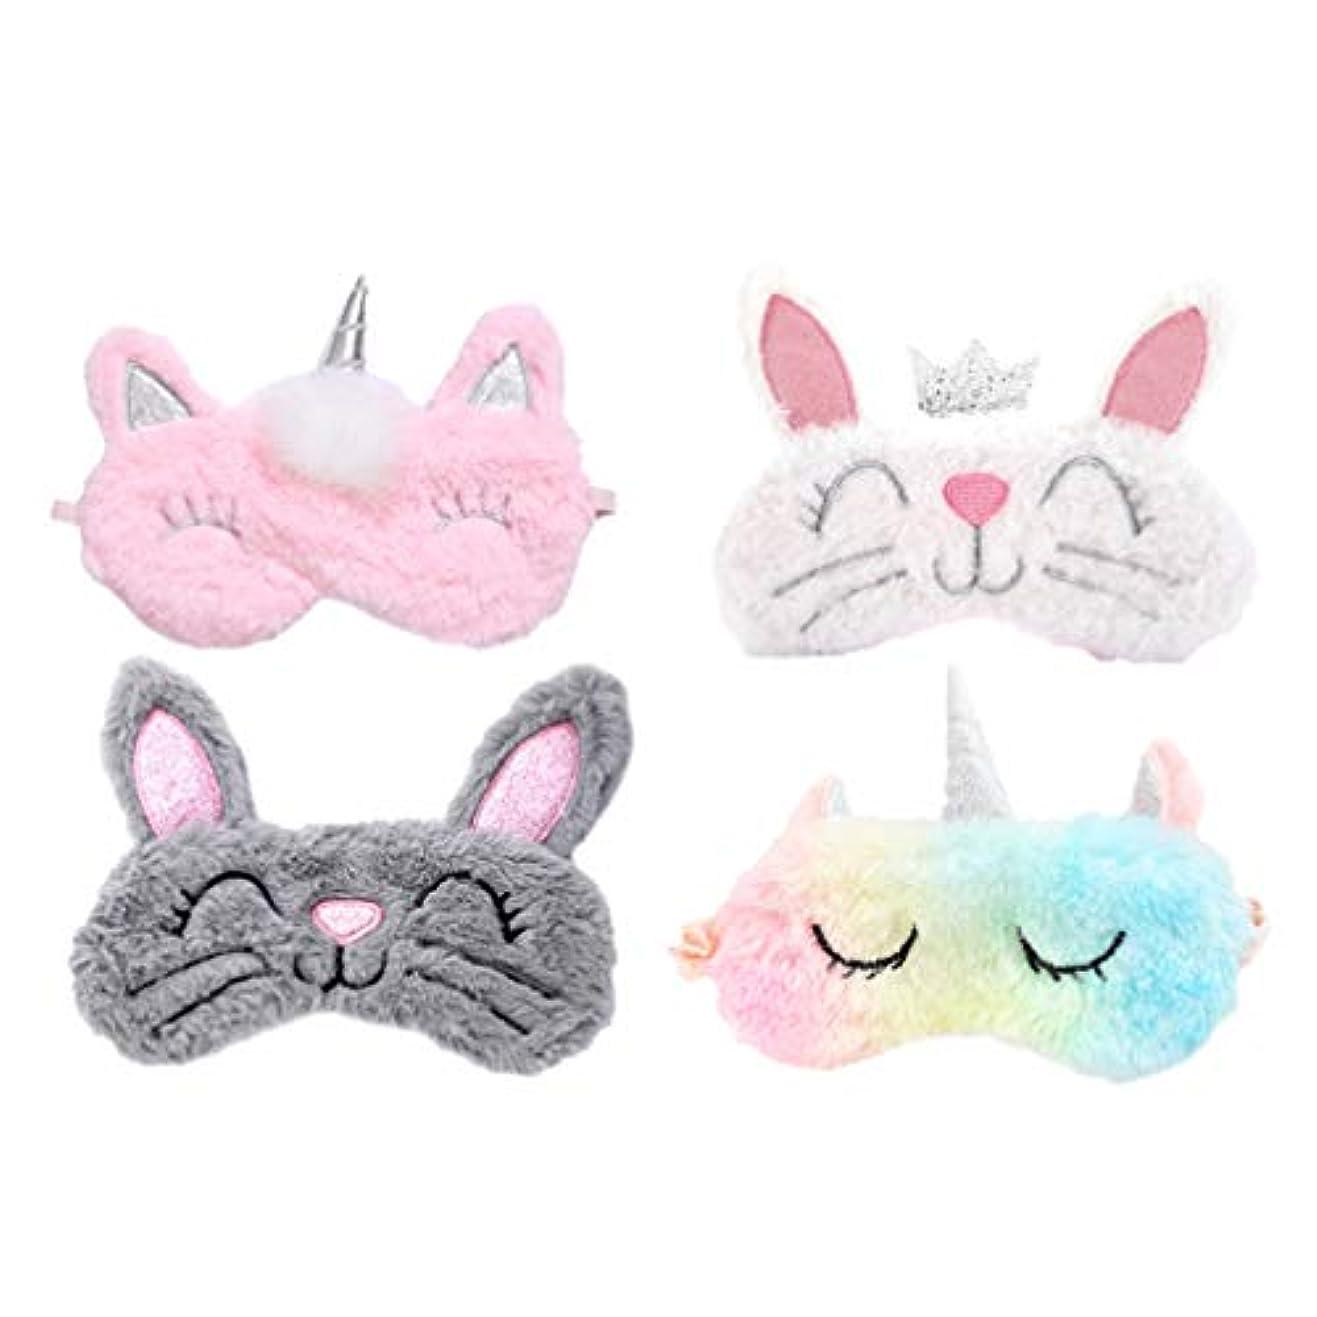 儀式ヨーグルト意味のあるMinkissy 4ピース睡眠アイマスク動物睡眠マスクソフトぬいぐるみ目隠しeyesシェードウサギユニコーンアイカバーアイマスク用女の子女性子供好意